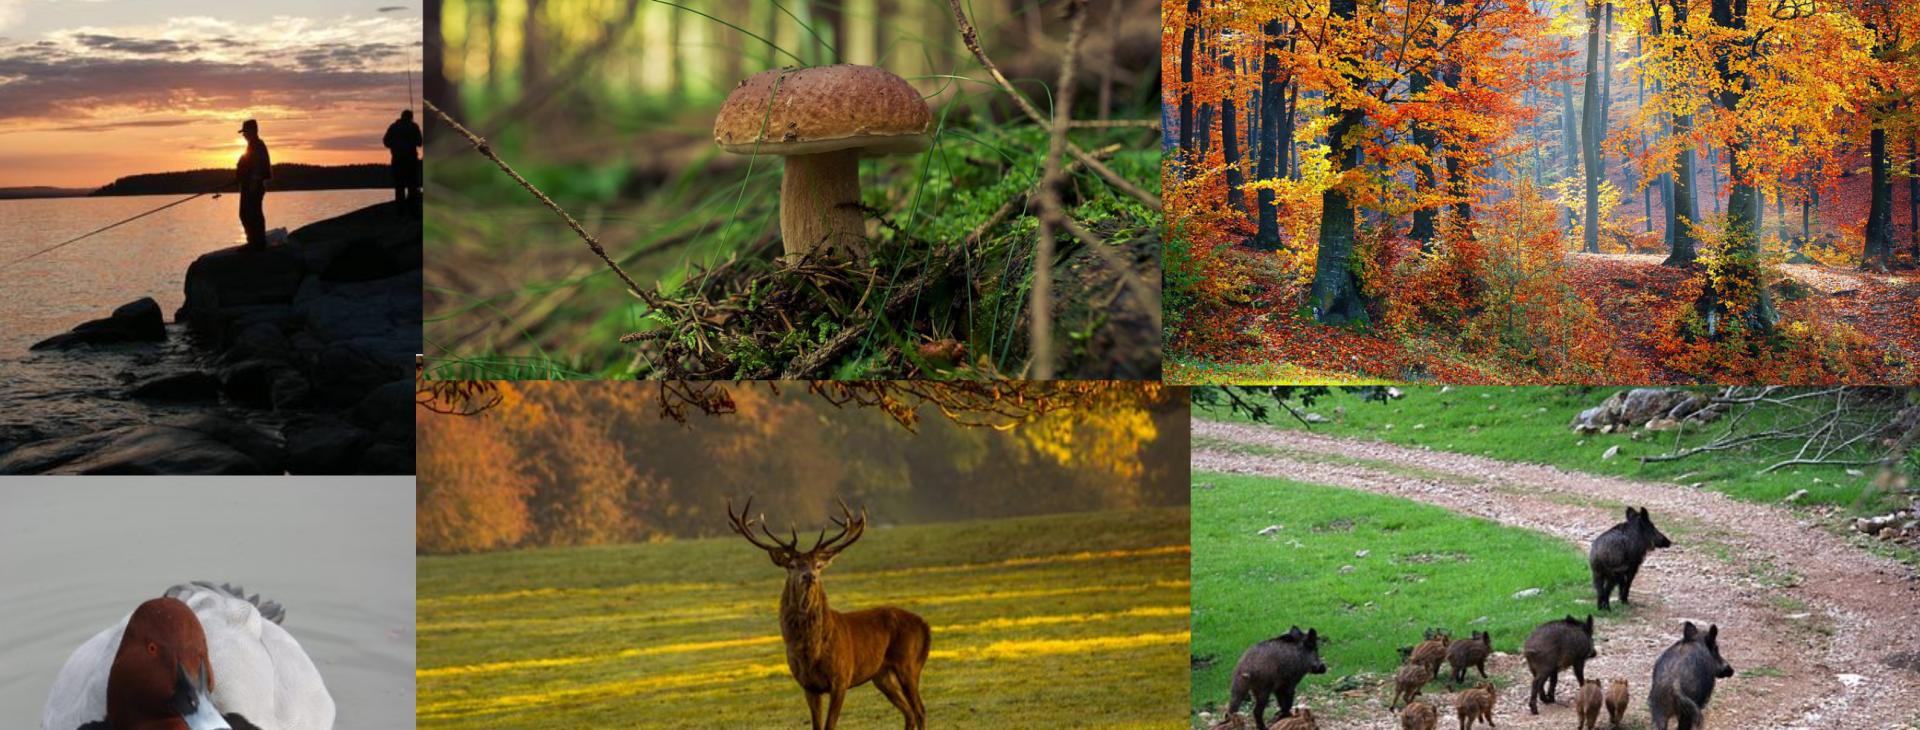 L'environnement, la forêt, la faune sauvage...vous passionnent ? Notre Bac Pro est fait pour vous !!     Découvrir